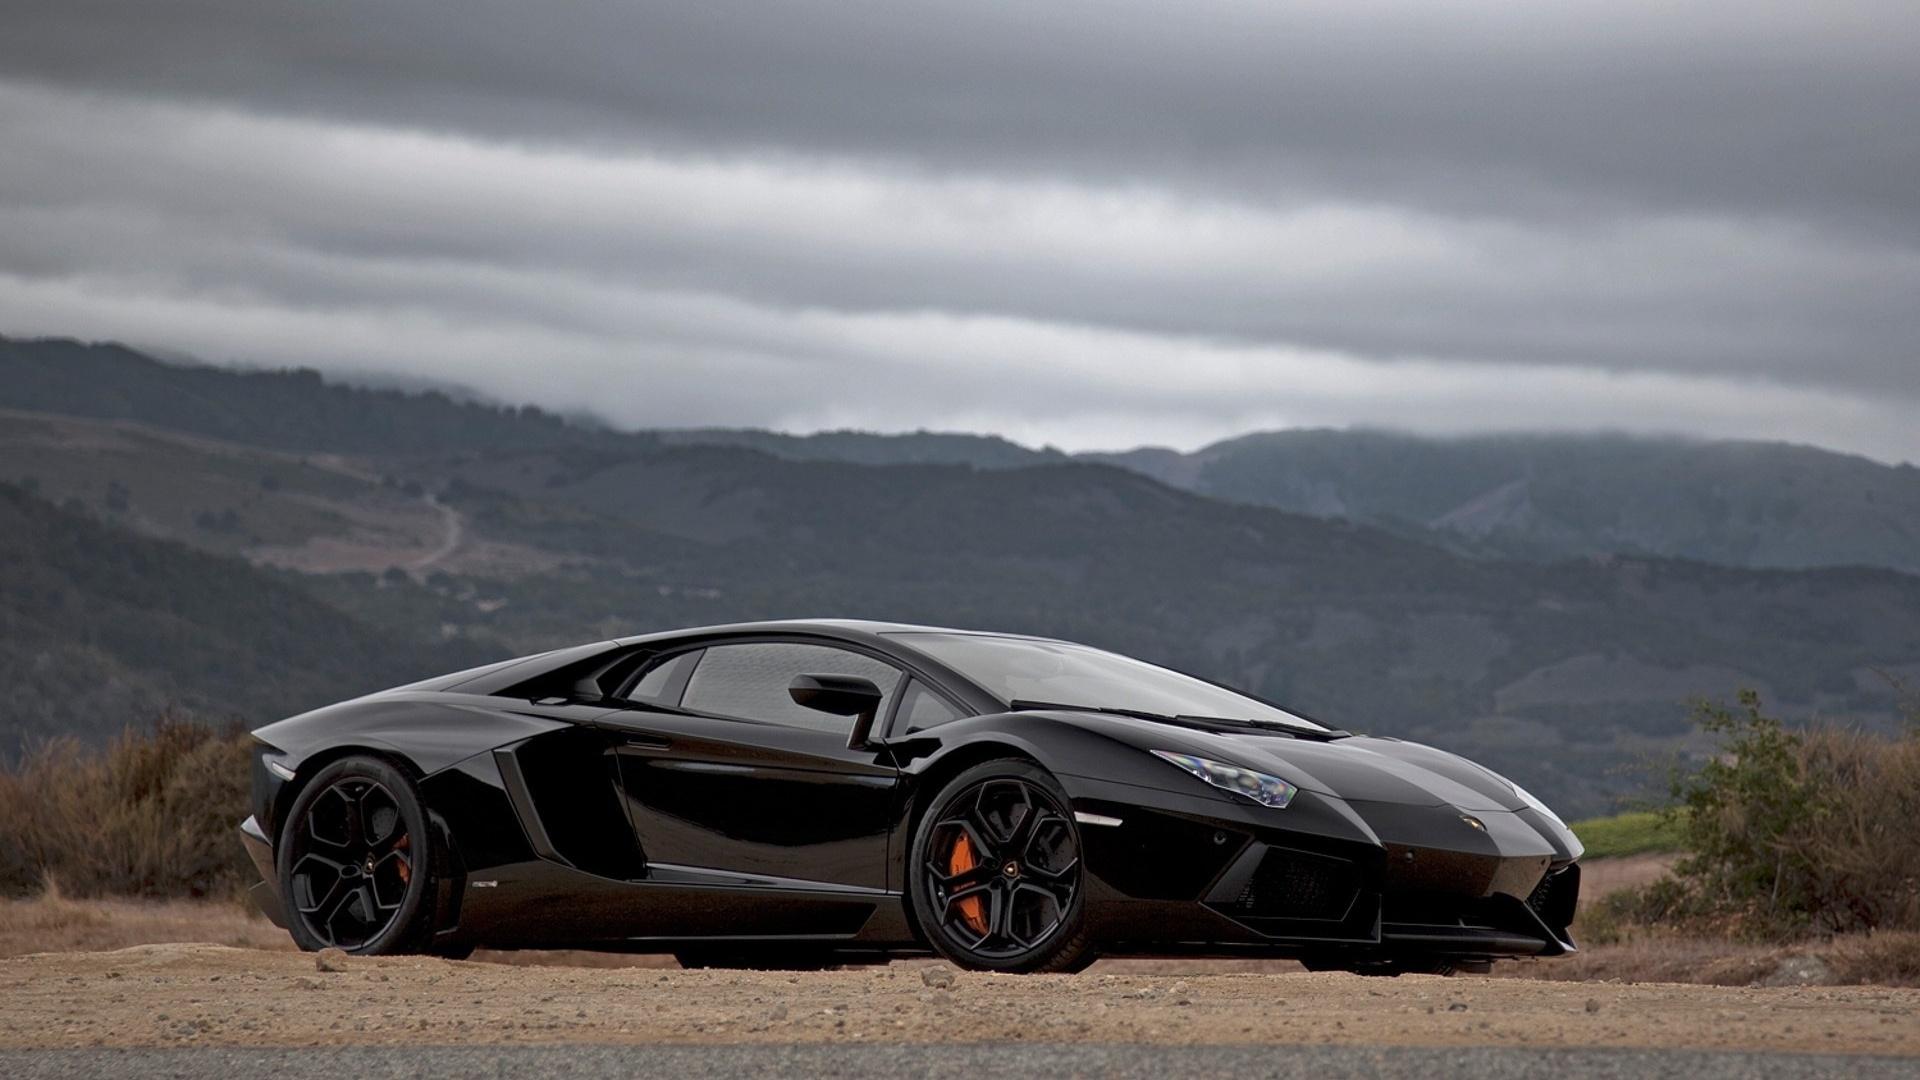 Black Lamborghini Wallpaper Wallpapersafari